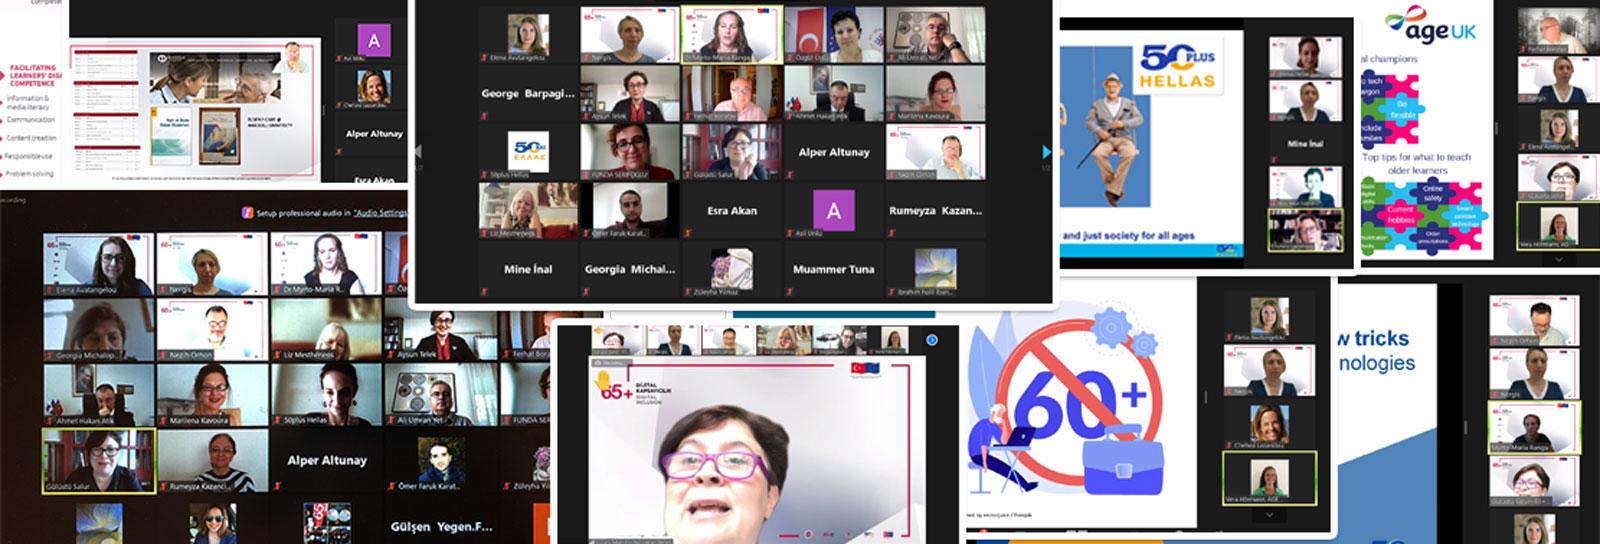 65+ Dijital Kapsayıcılık Projesi Atina Çalıştayı